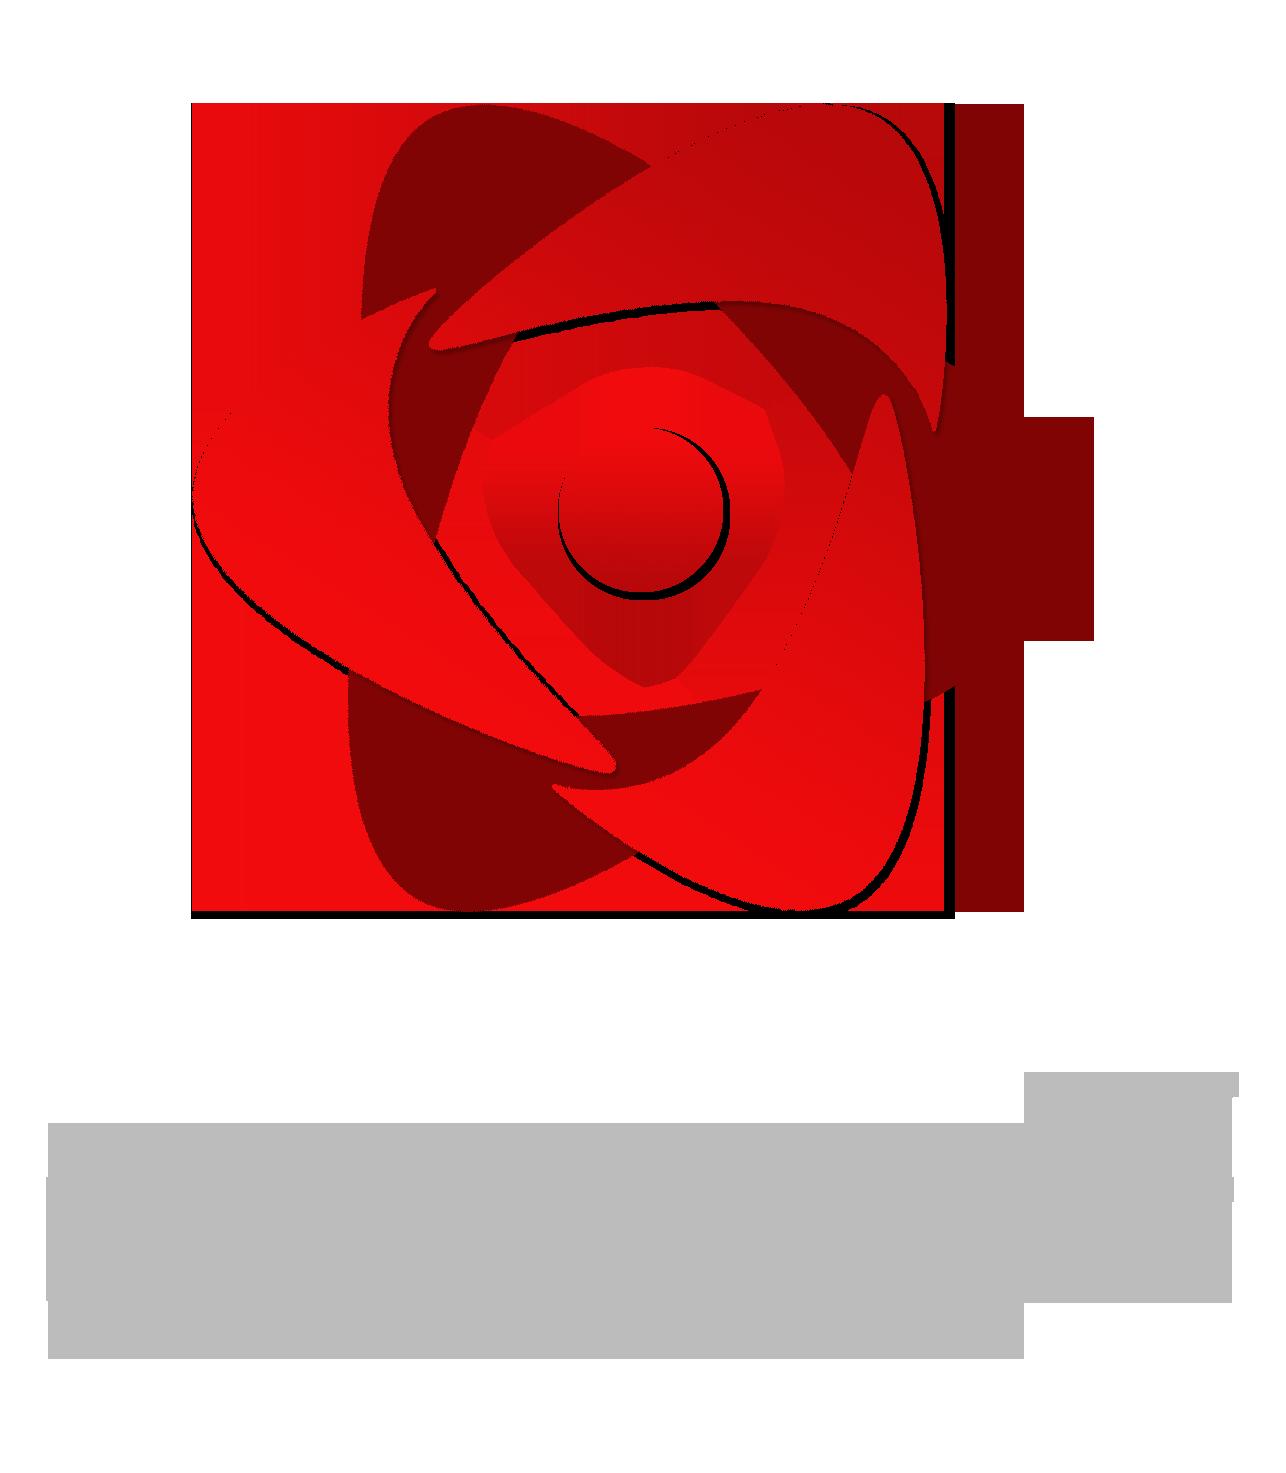 react-pdf/renderer - npm